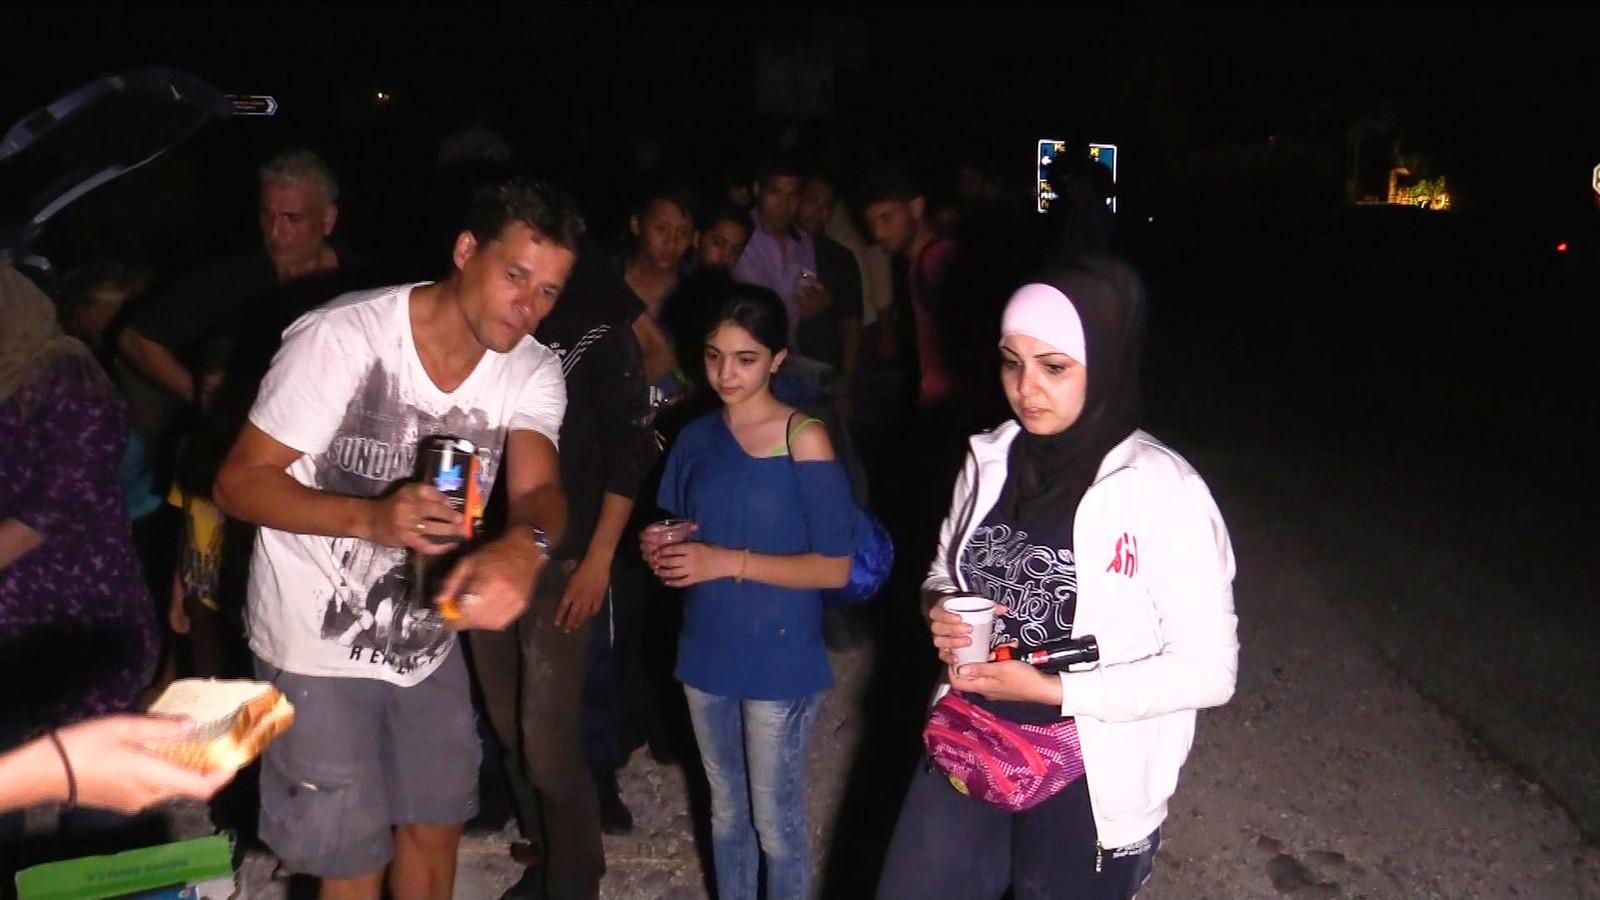 De frivillige rykker ut med både mat og vann, og soveposer, liggeunderlag og bleier når det kommer melding om at det ankommer en båt med flyktninger til øya.